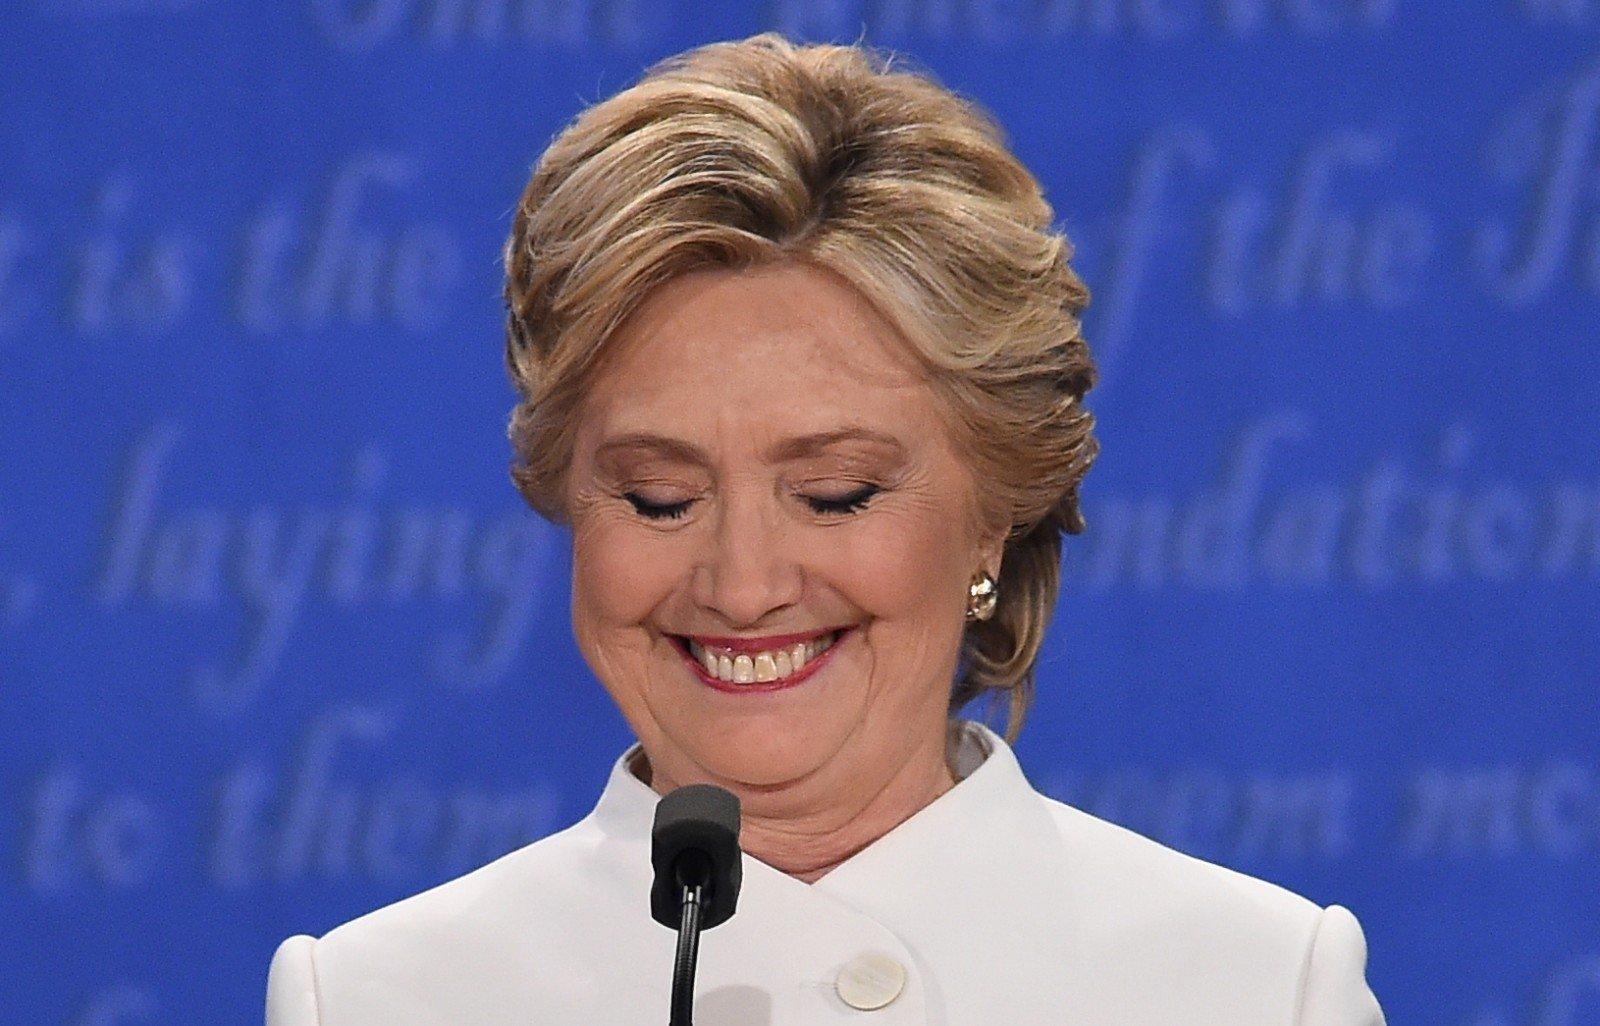 Обама незнал, что Клинтон сохраняет переписку на личном сервере— Белый дом